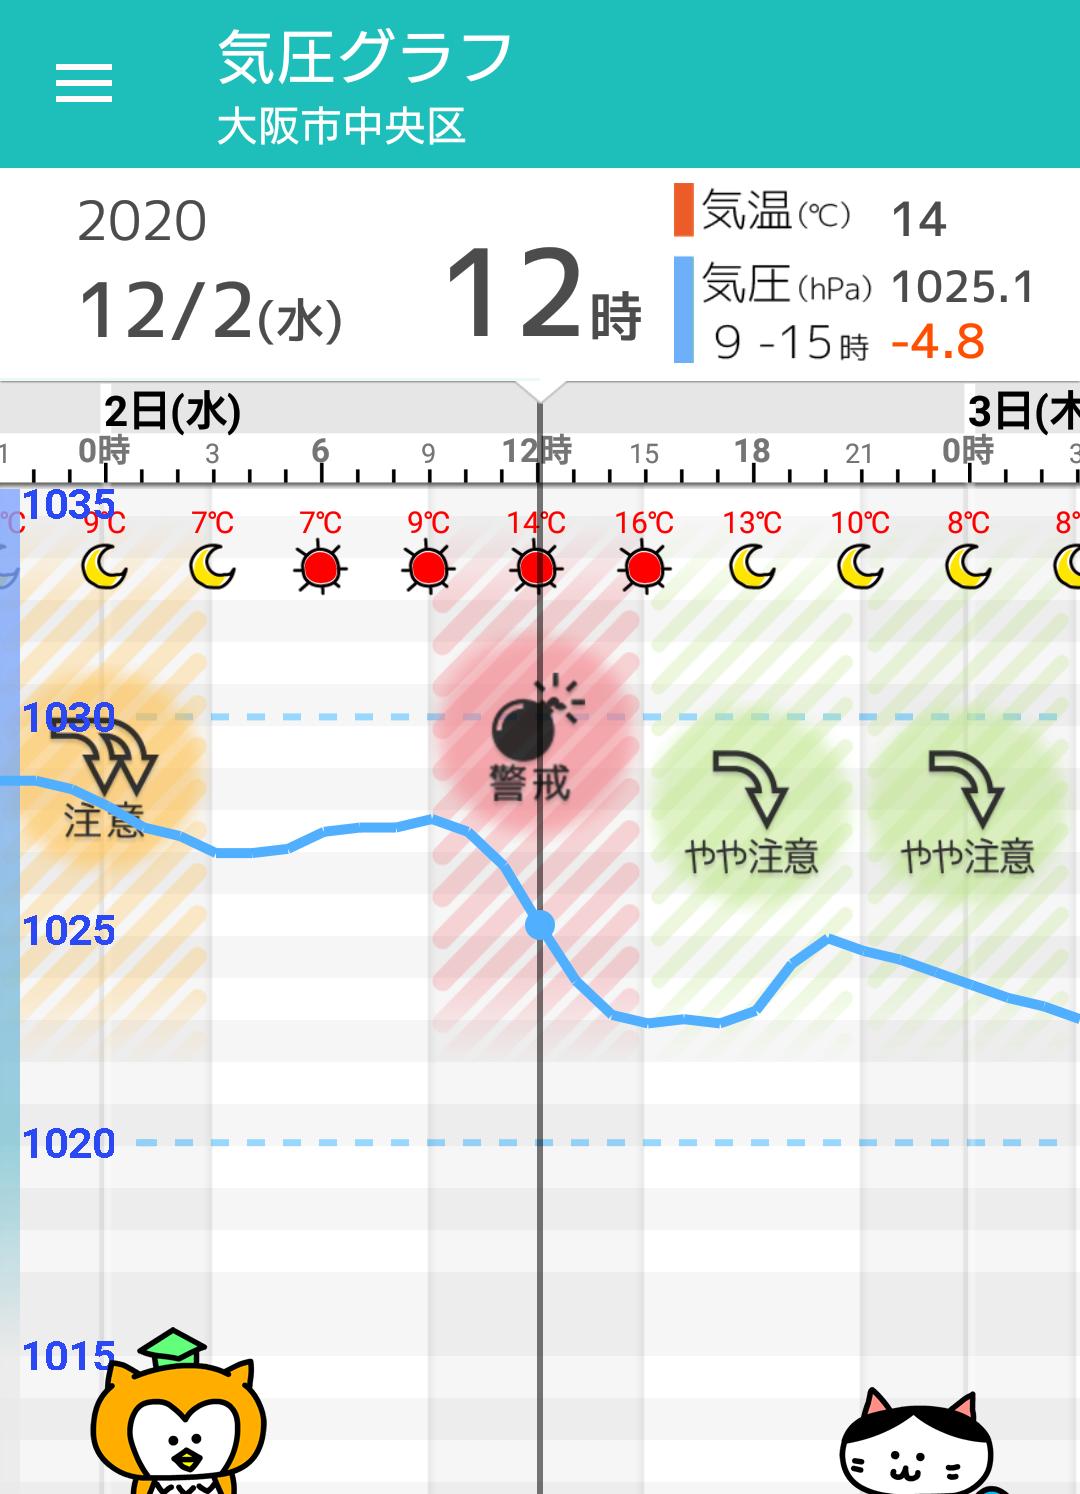 12月2日(水) 大阪の天気頭痛予報 晴れるが気圧は低下傾向。体調の変化 ...